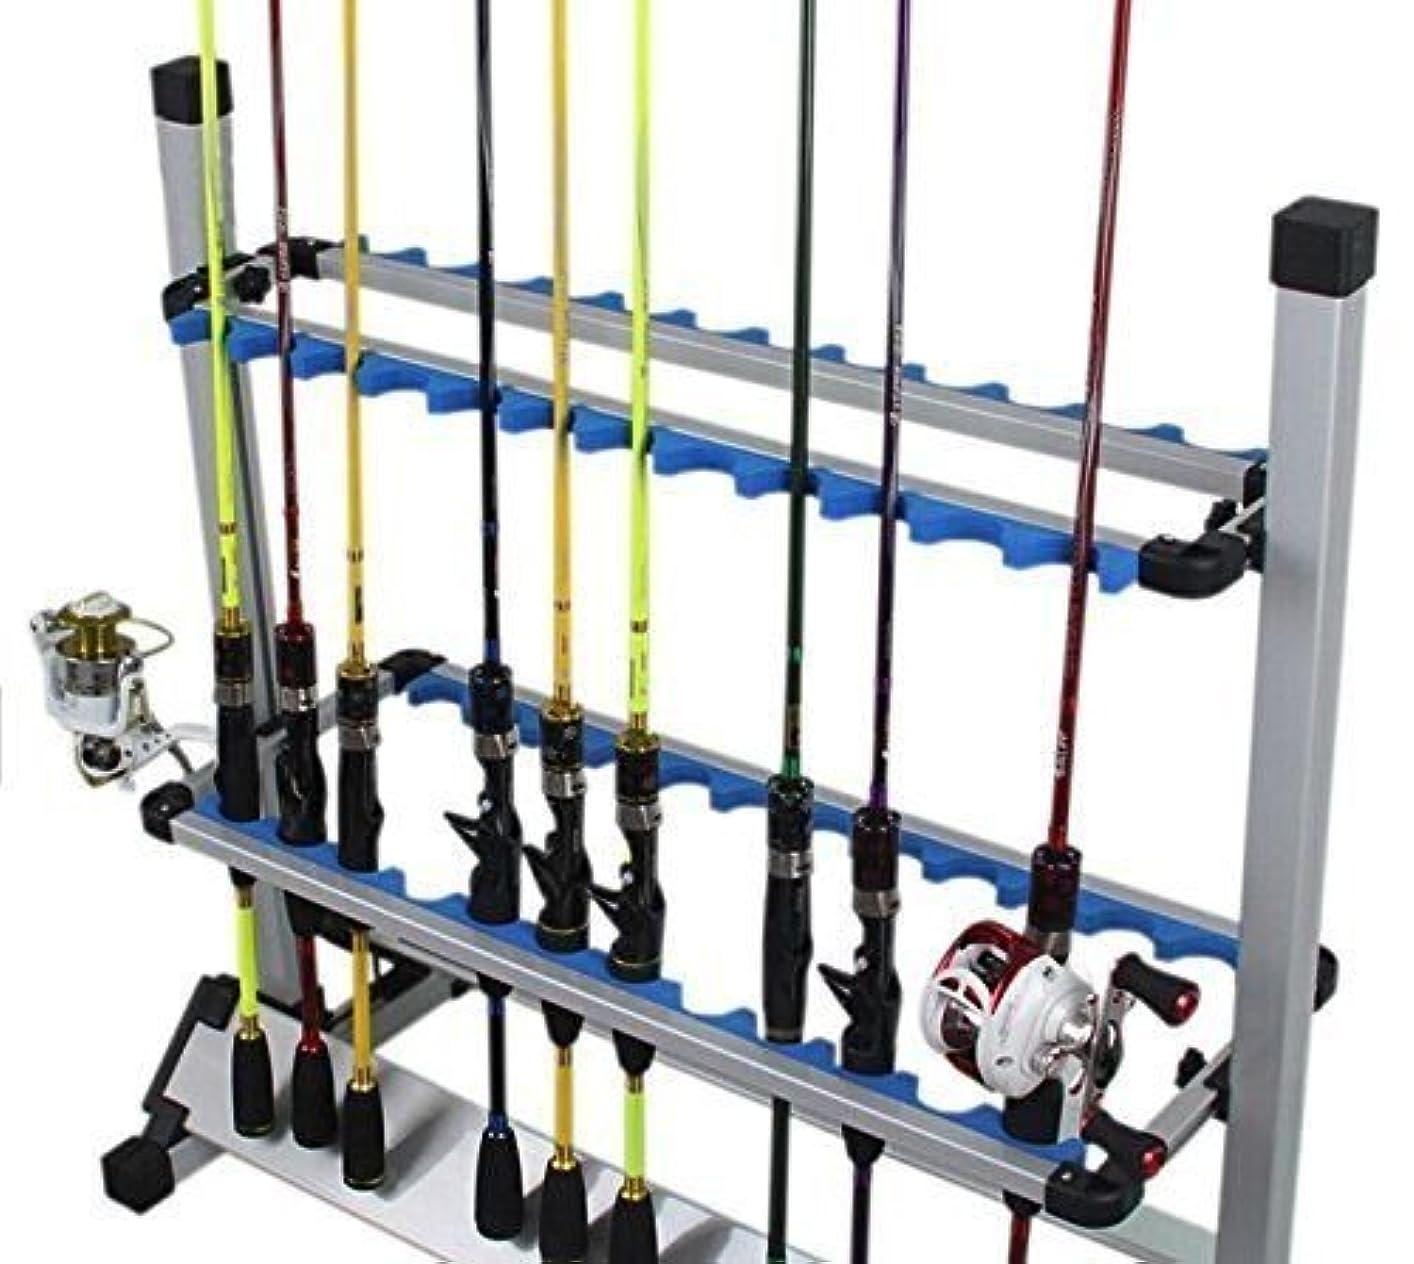 抱擁境界持ってるAmarine-made アルミロッドスタンド 24本掛 釣り竿スタンド 竿立て アルミ軽量 簡単な組み立て